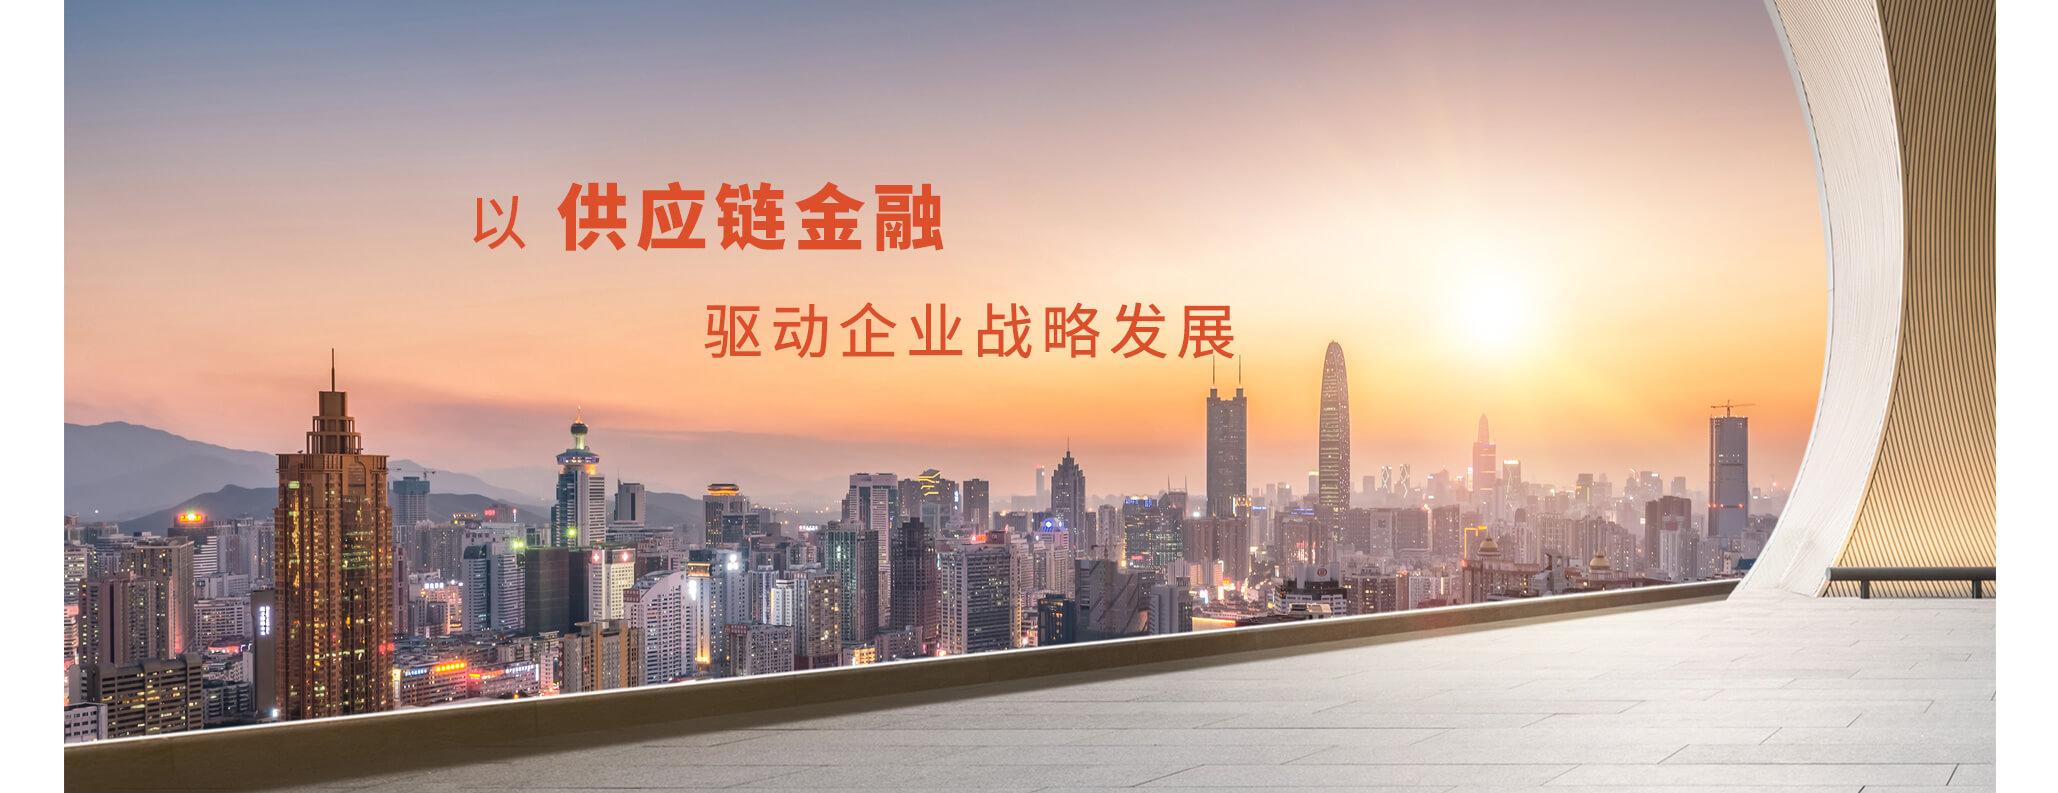 深圳酒店河北11选5玩法技巧